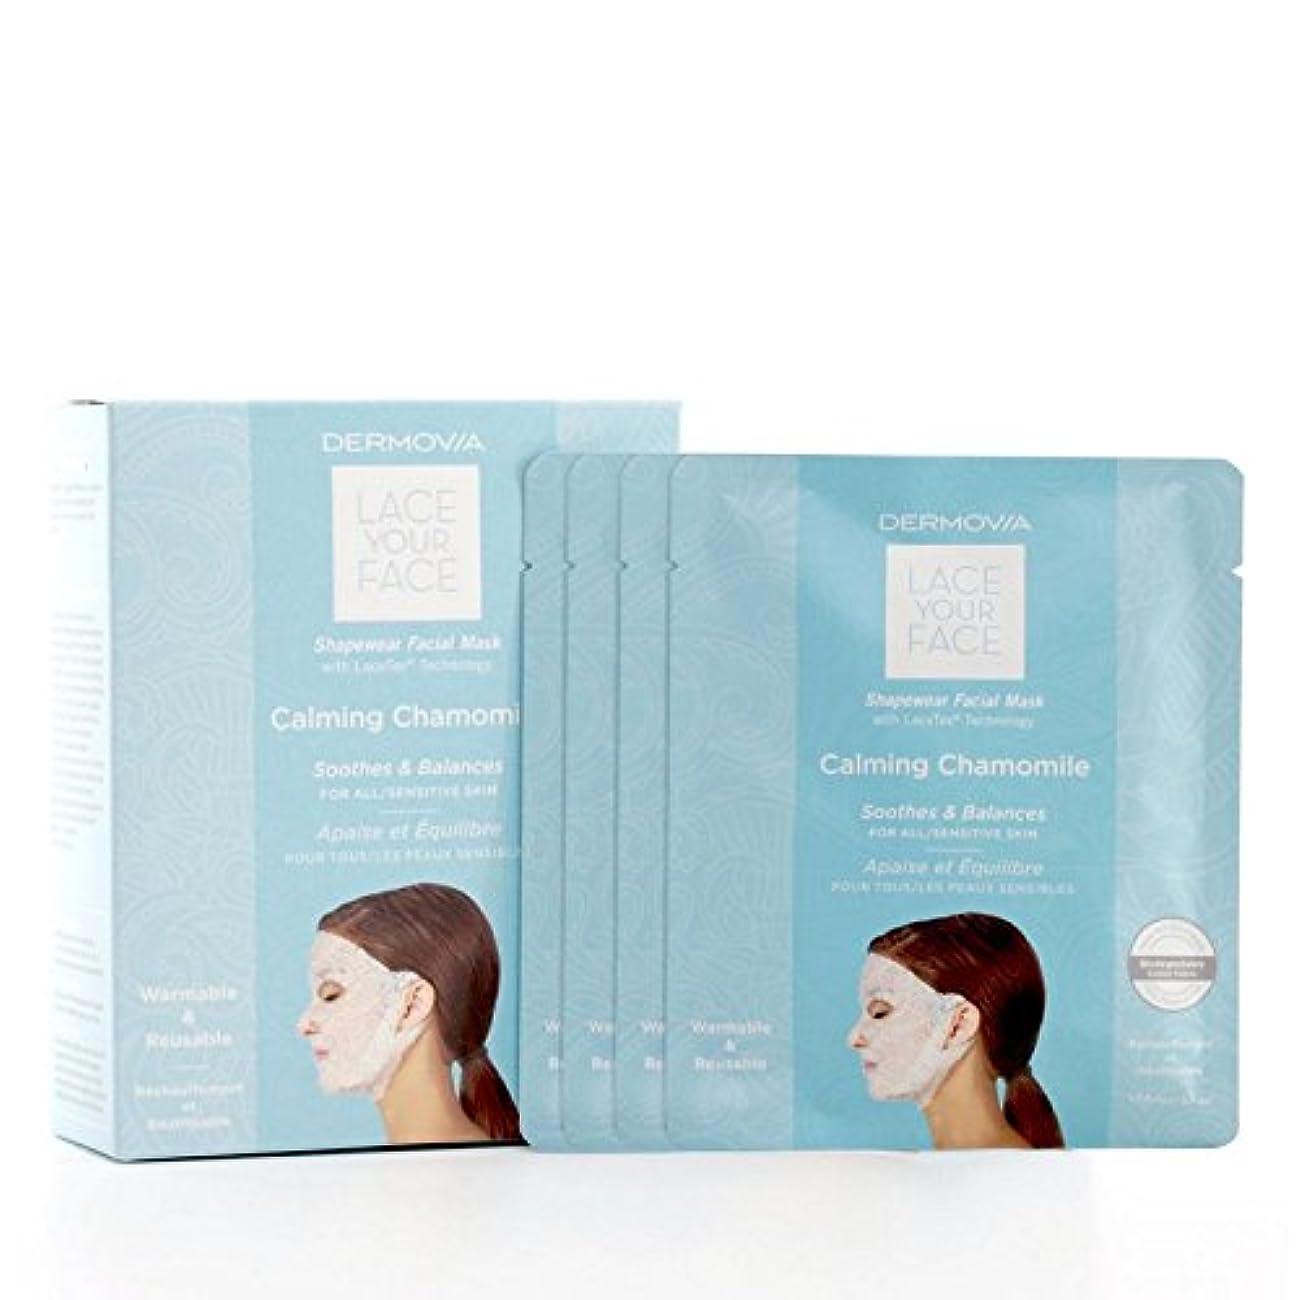 顕微鏡剥離謝るは、あなたの顔の圧縮フェイシャルマスク心を落ち着かせるカモミールをひもで締めます x2 - Dermovia Lace Your Face Compression Facial Mask Calming Chamomile...